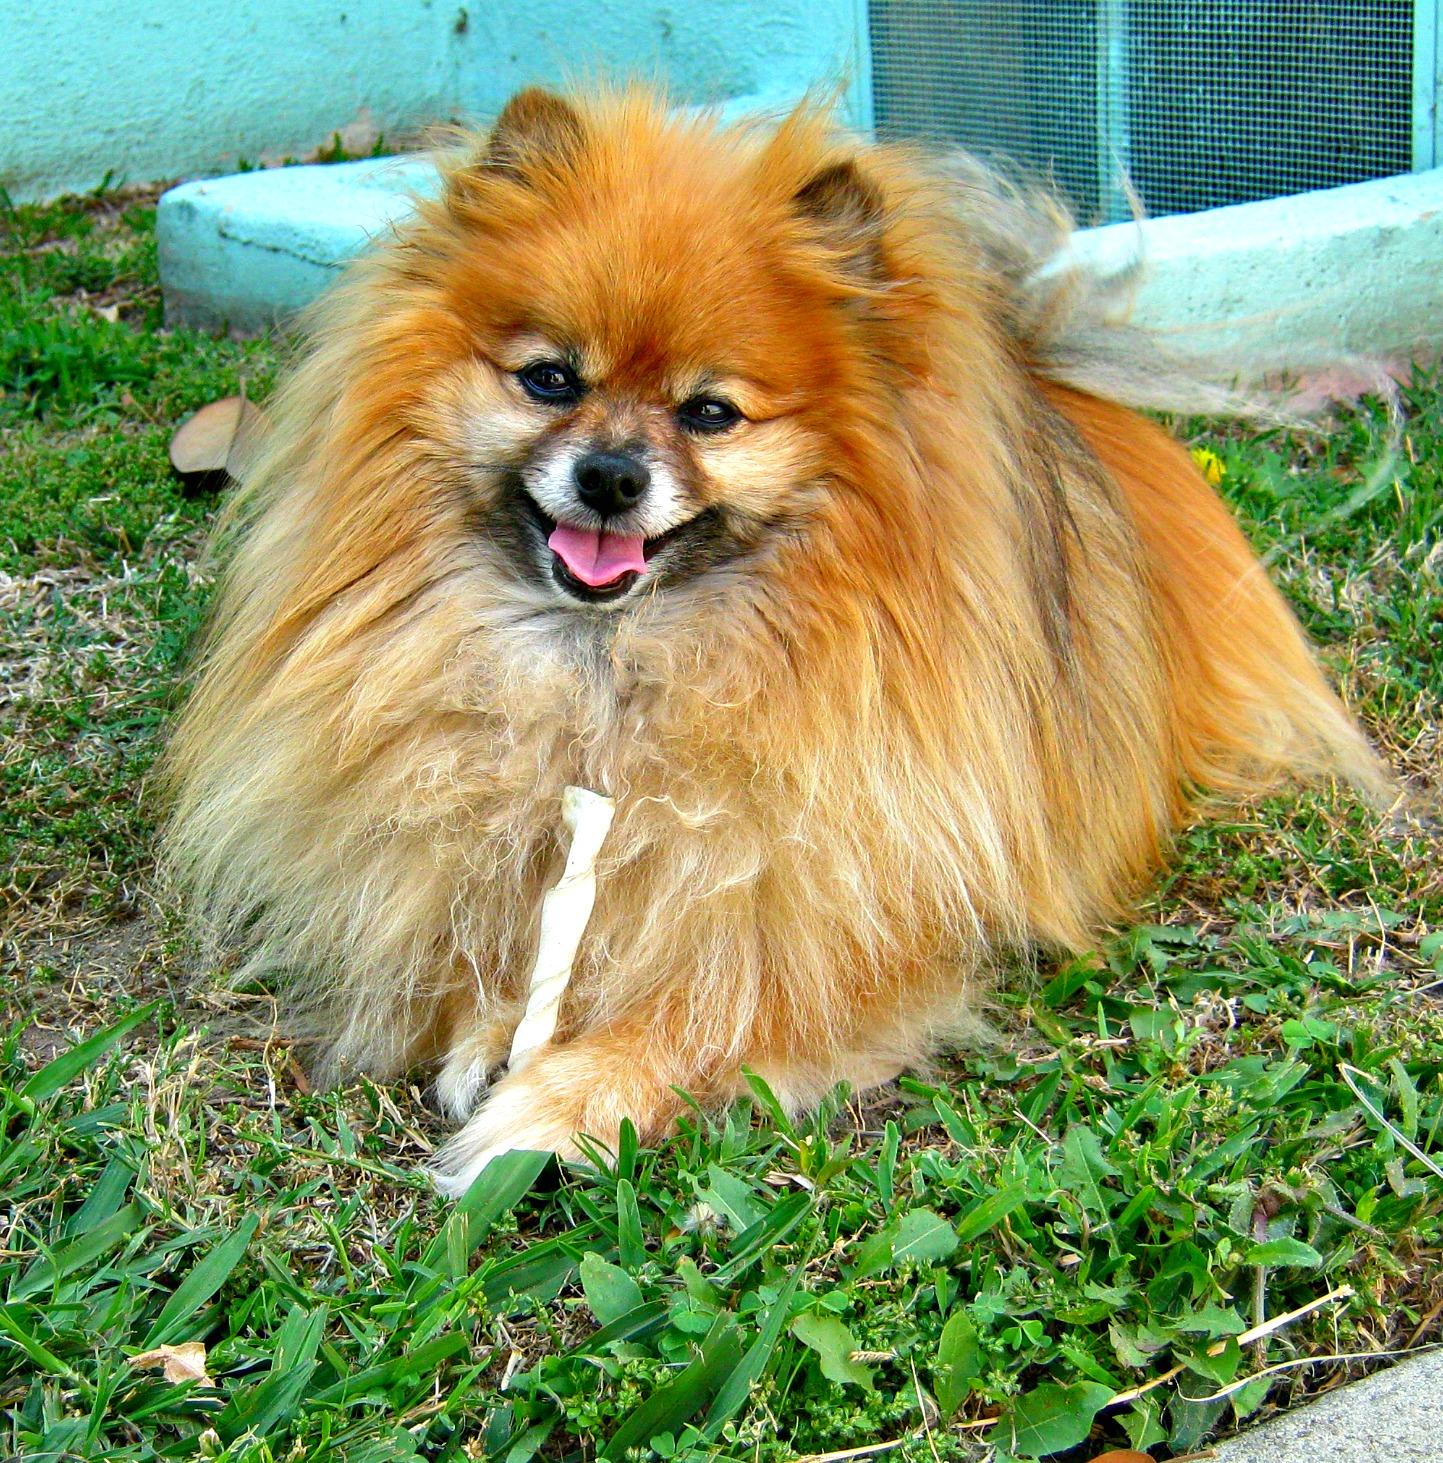 koda chews a stick